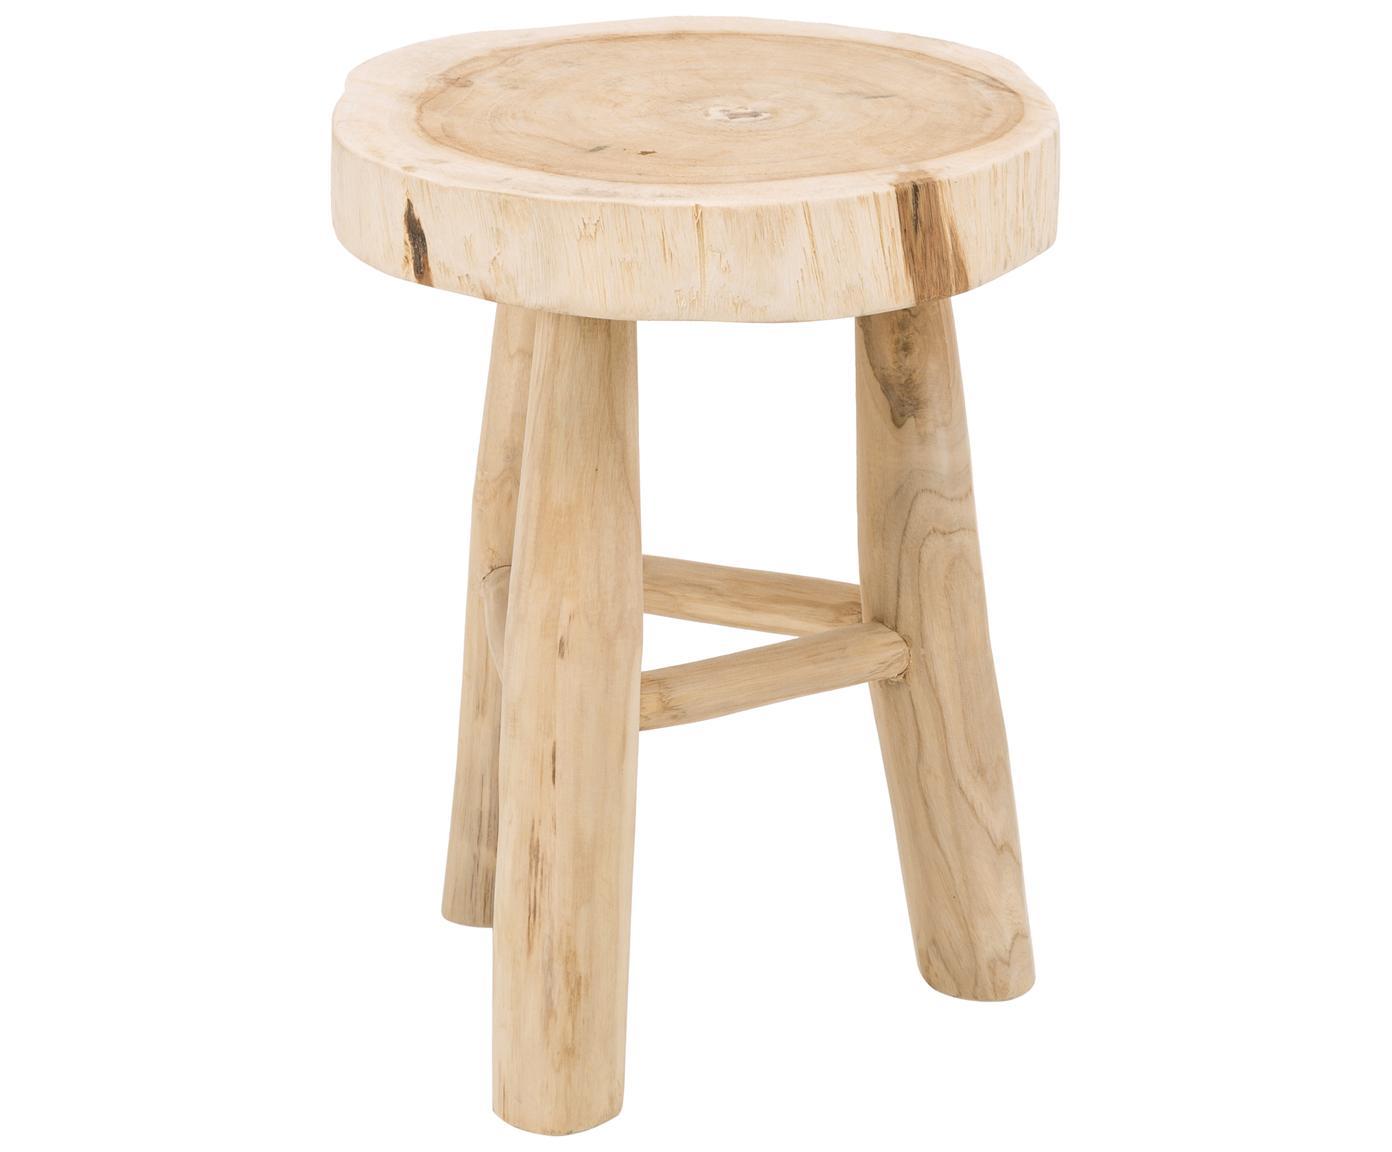 Okrągły stołek z drewna Beachside, Naturalne drewno mungur, Jasny brązowy, Ø 40 x W 50 cm